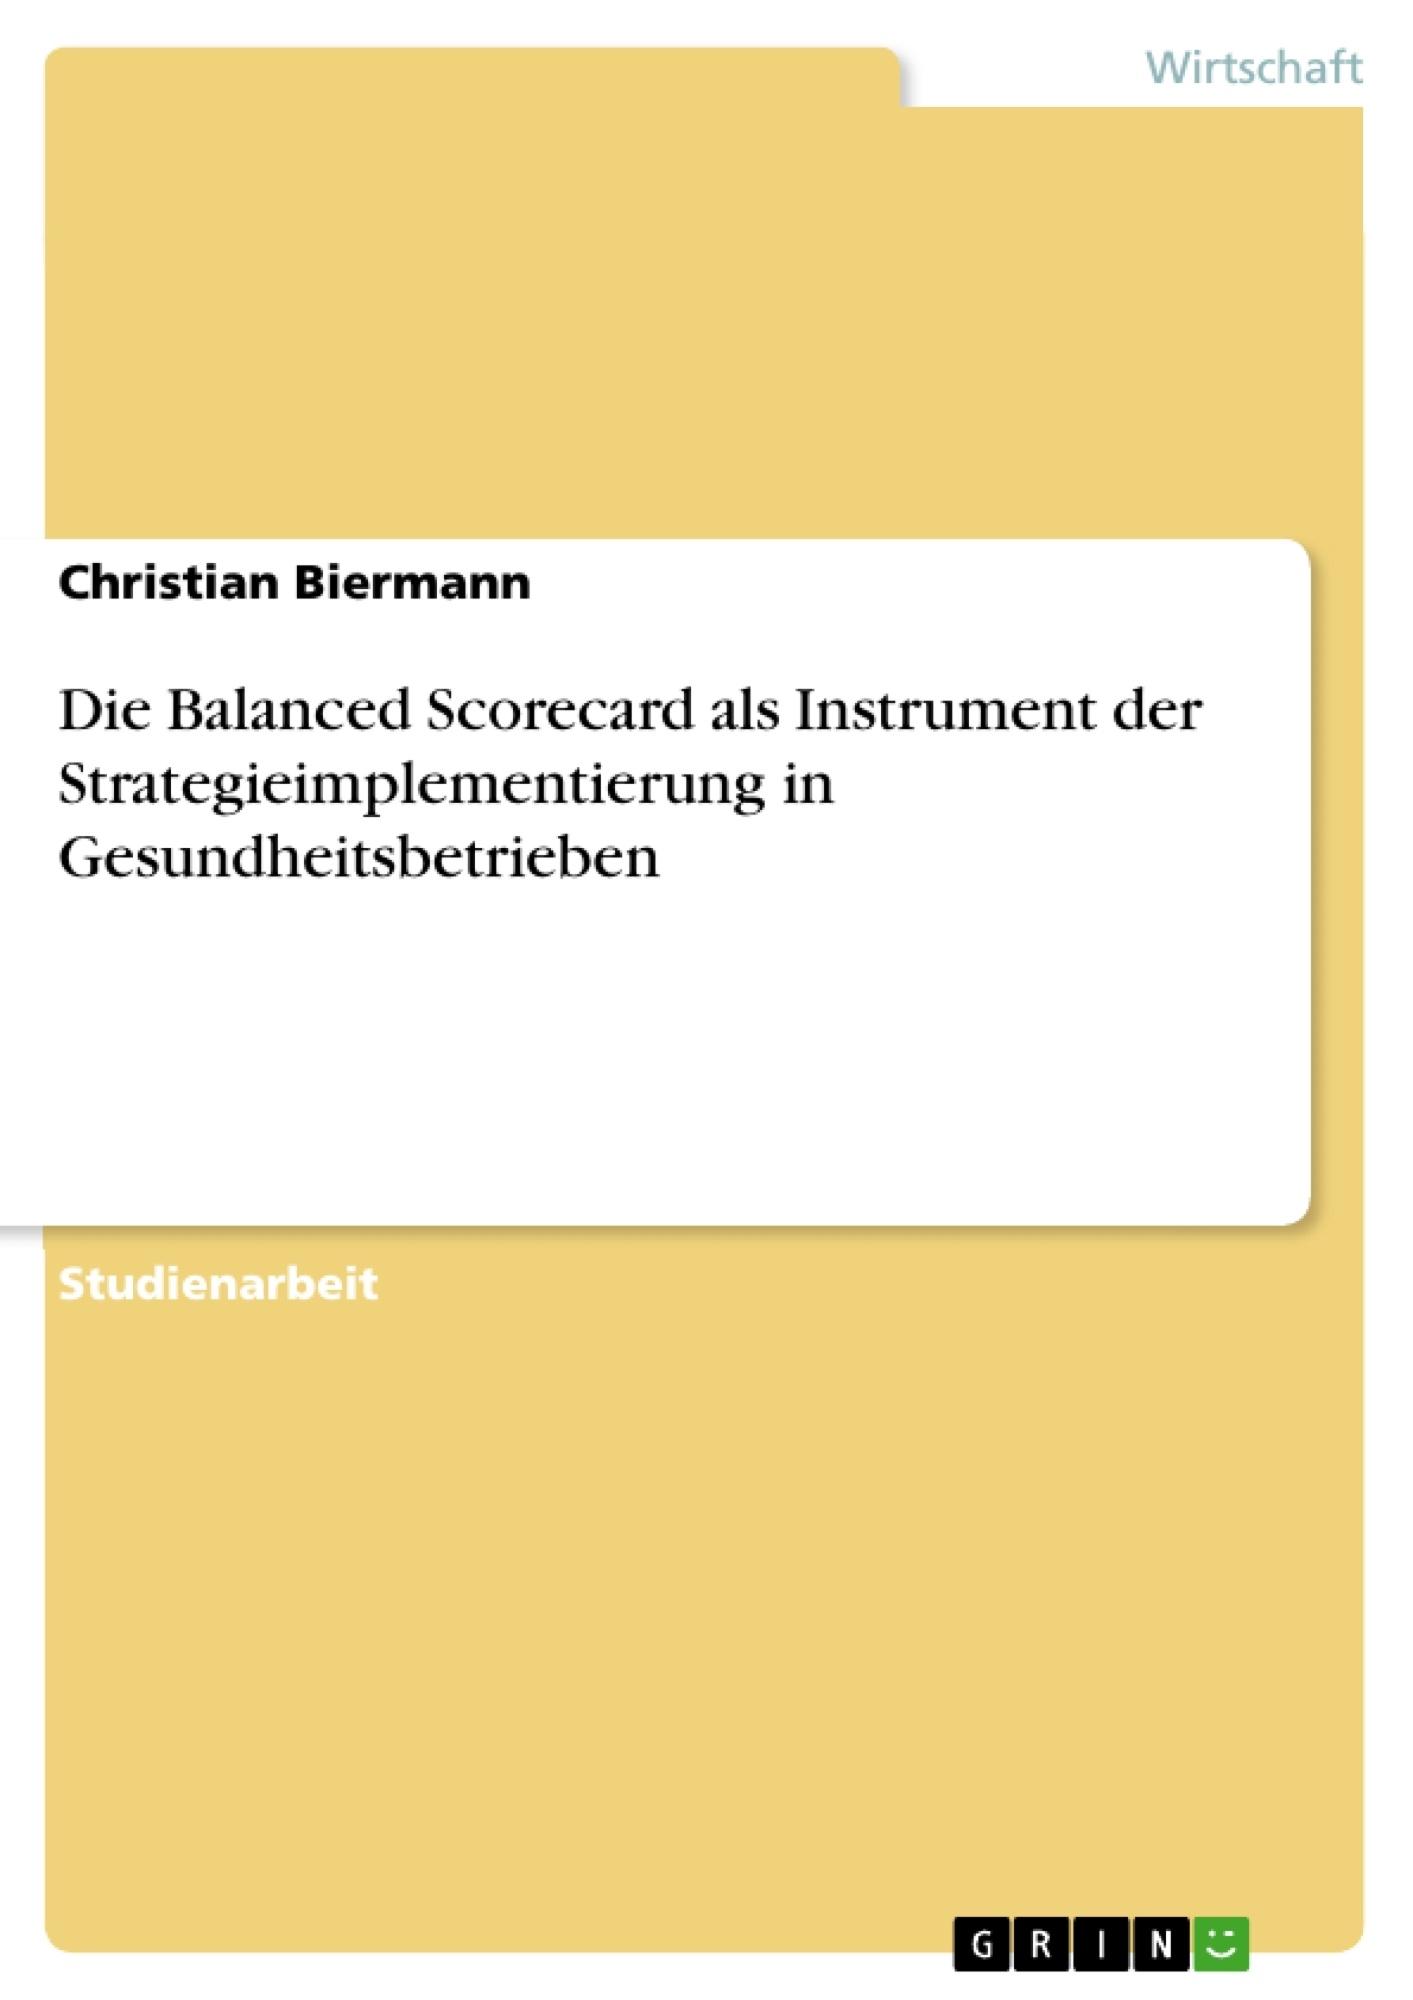 Titel: Die Balanced Scorecard als Instrument der  Strategieimplementierung in Gesundheitsbetrieben